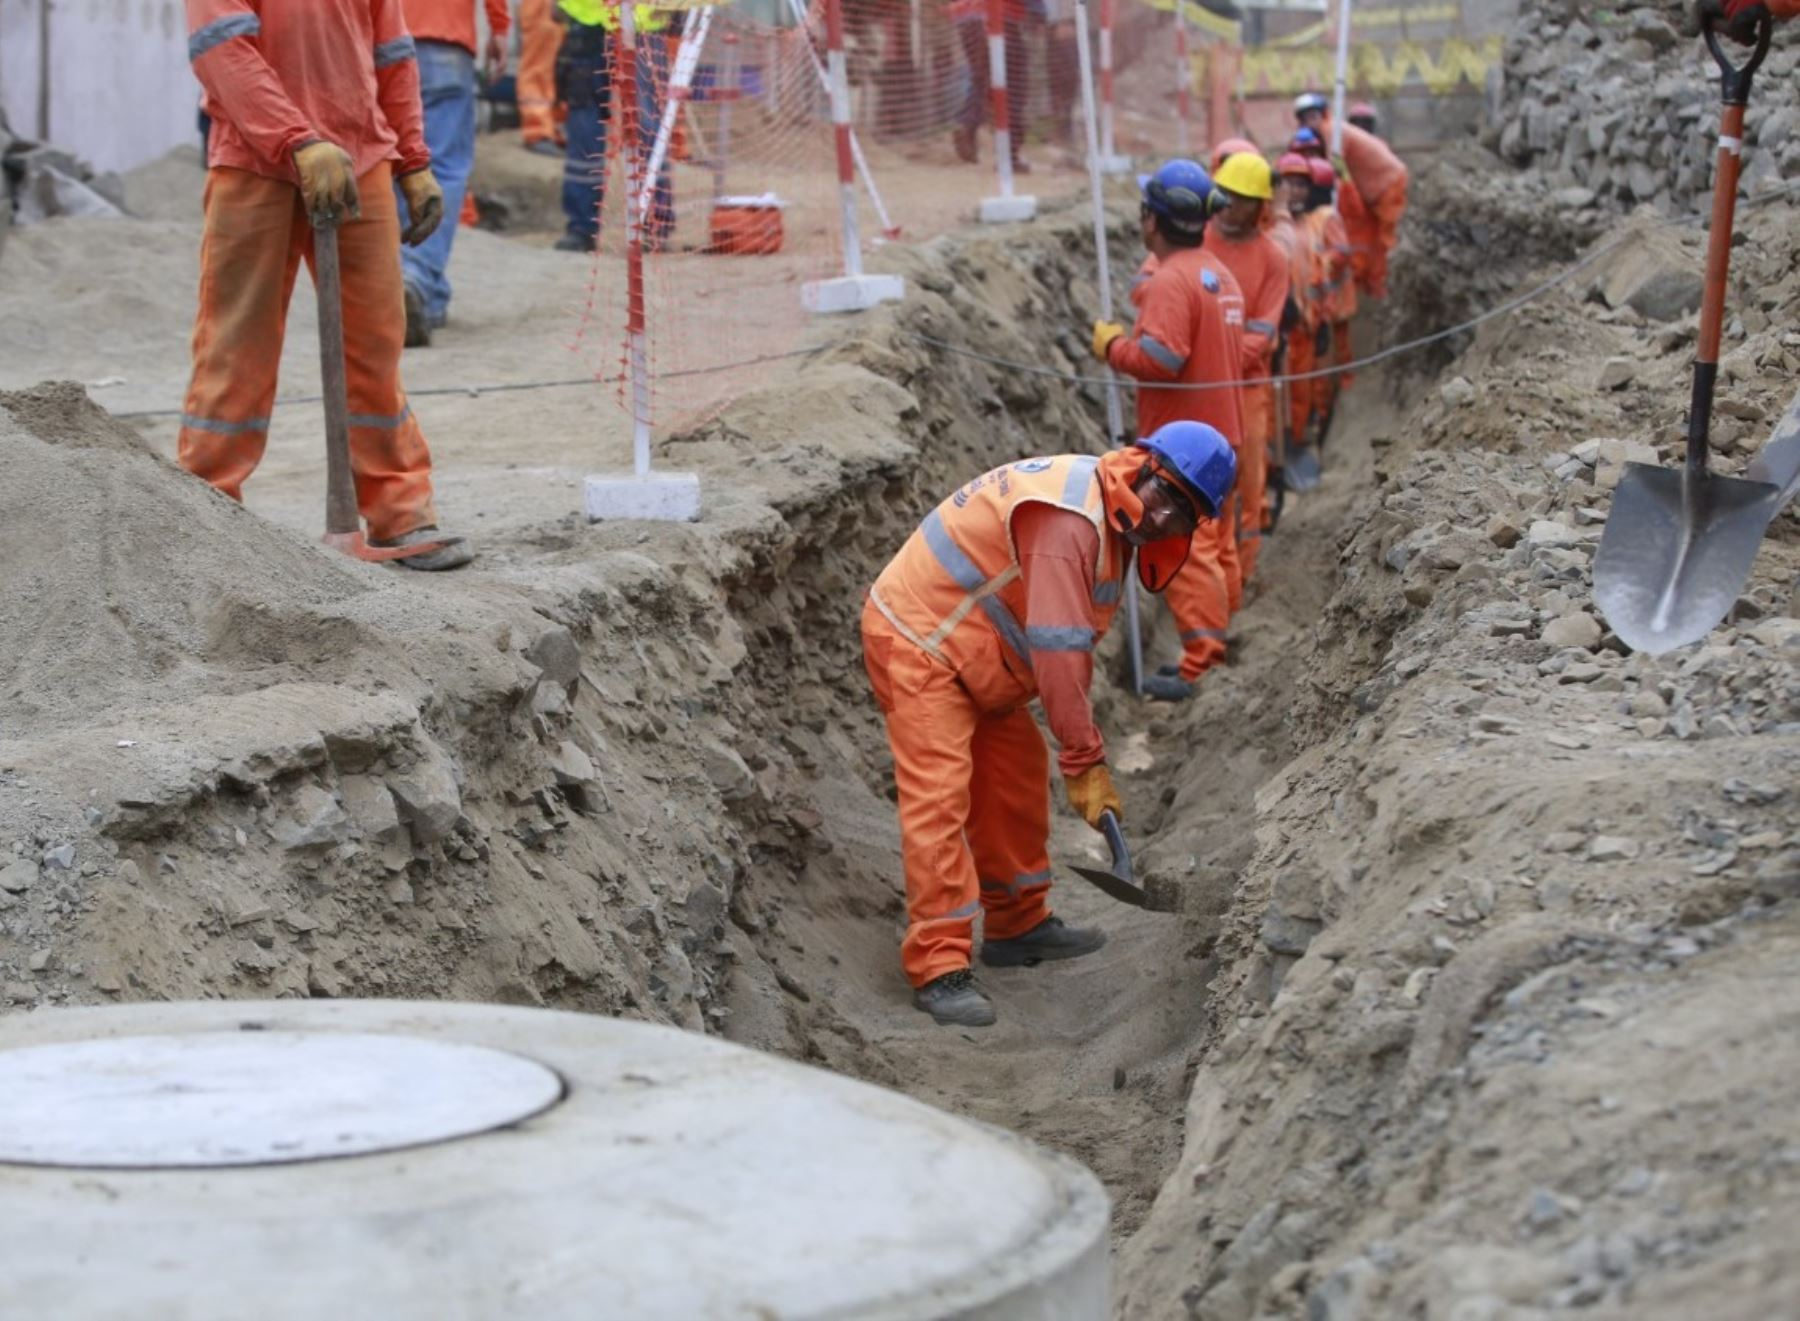 Ministerio de Vivienda anunció la ejecución de dos proyectos de saneamiento en Puno que beneficiarán a más de 15,000 pobladores.